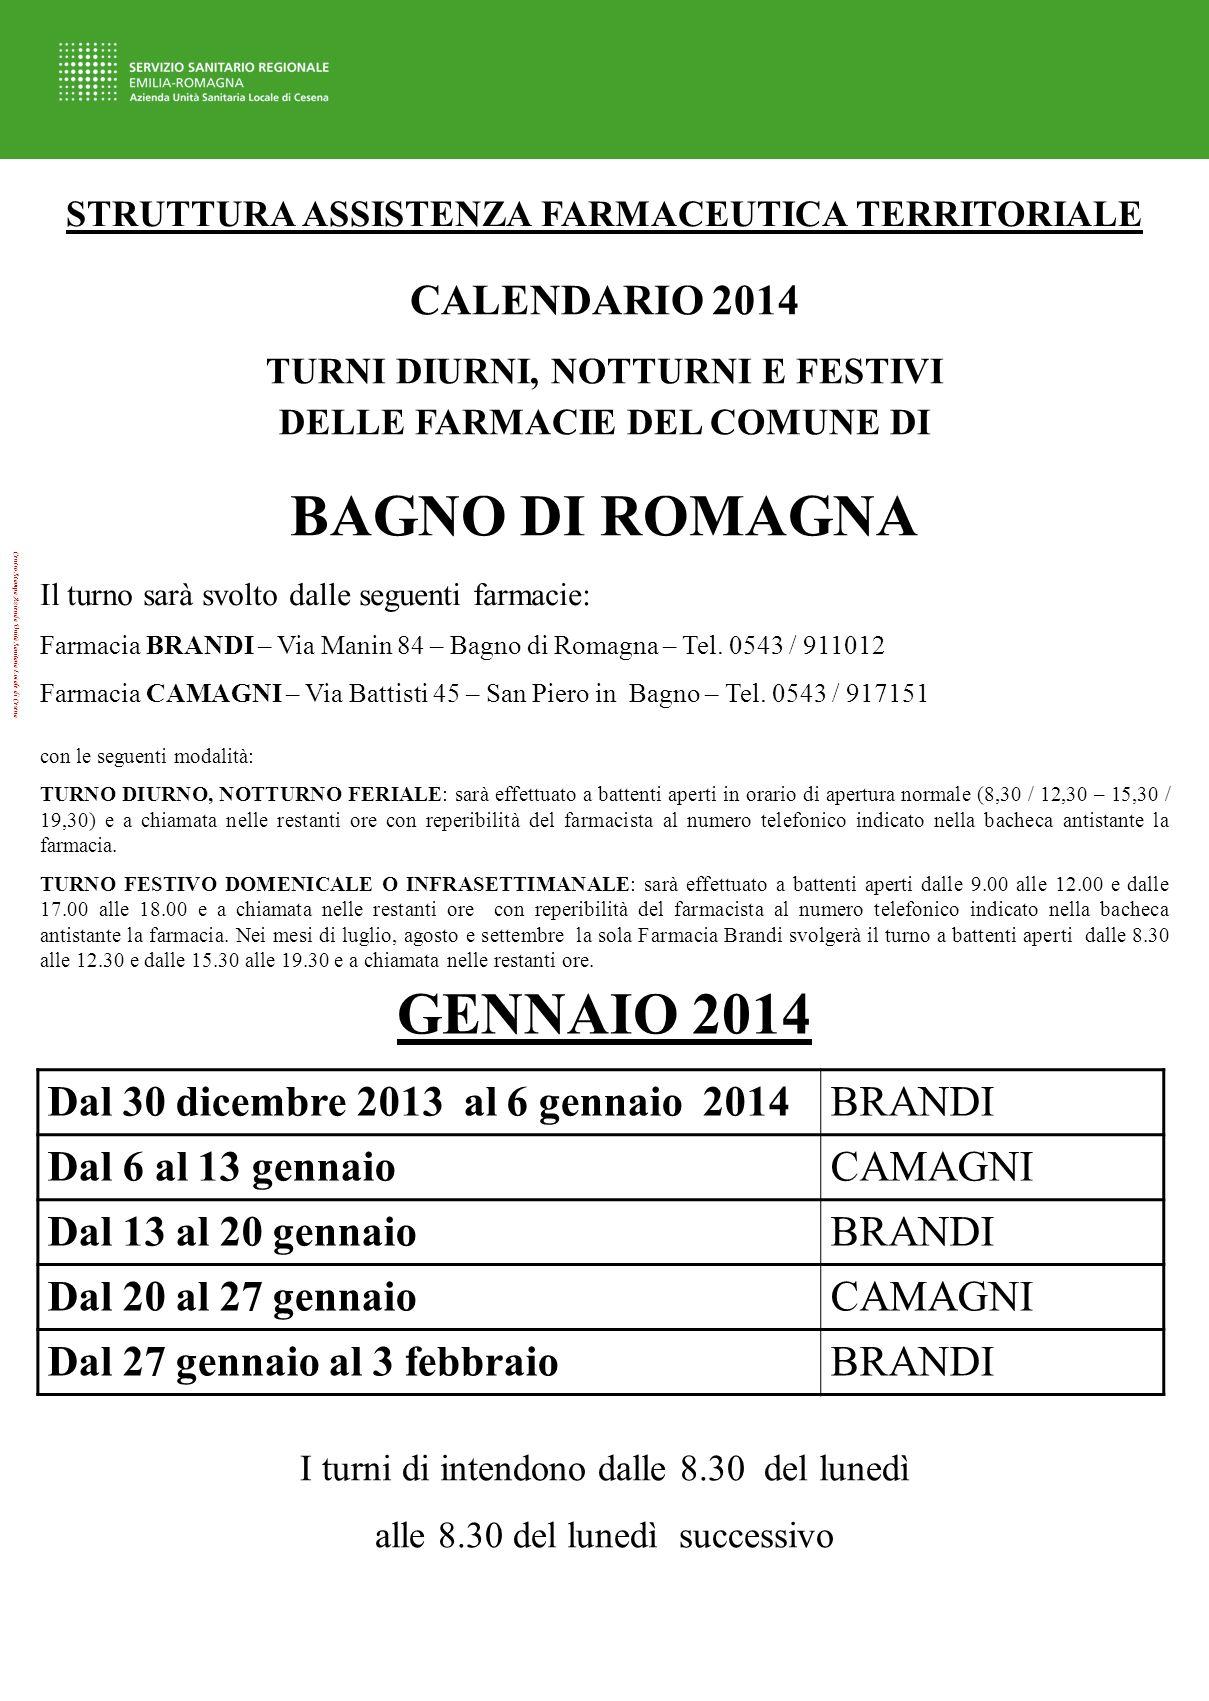 Centro Stampa Azienda Unità Sanitaria Locale di Cesena STRUTTURA ASSISTENZA FARMACEUTICA TERRITORIALE Il turno sarà svolto dalle seguenti farmacie: Farmacia BRANDI – Via Manin 84 – Bagno di Romagna – Tel.